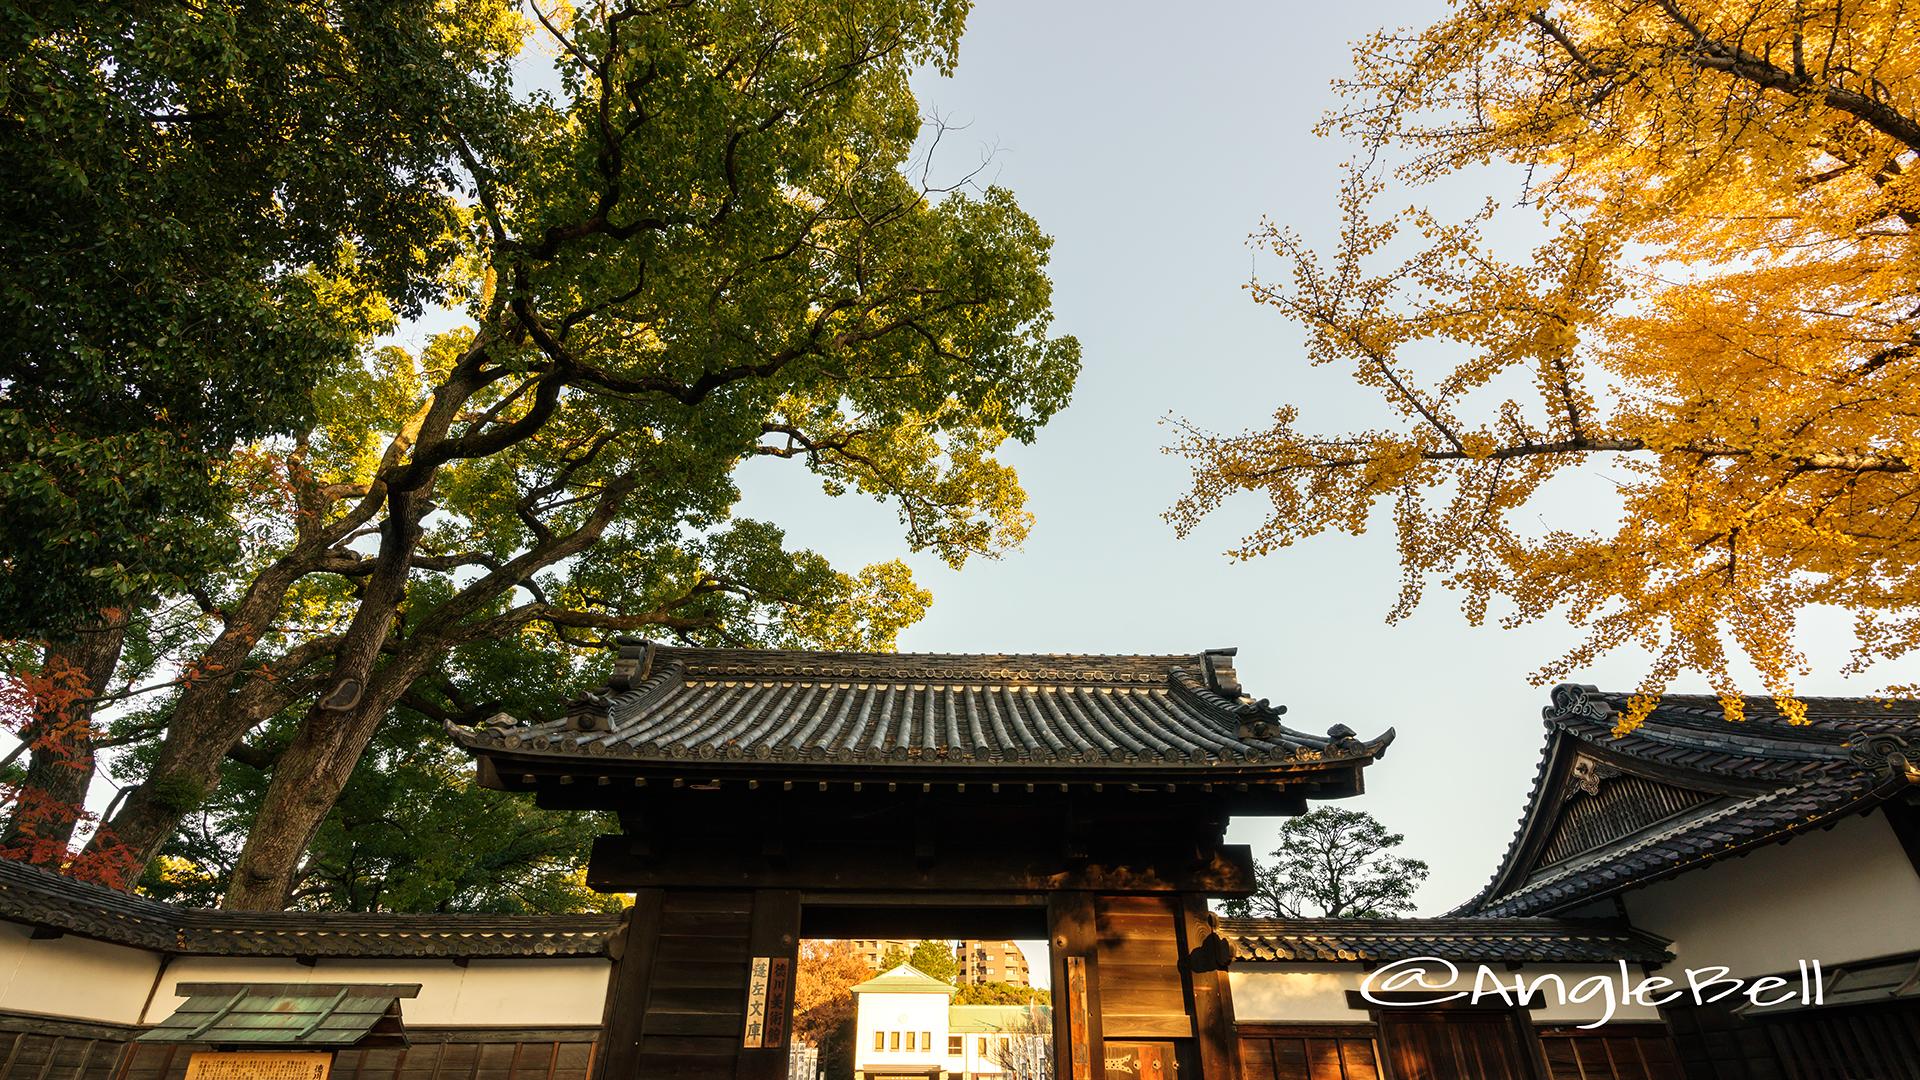 名古屋 / 徳川美術館・蓬左文庫・徳川園 正門